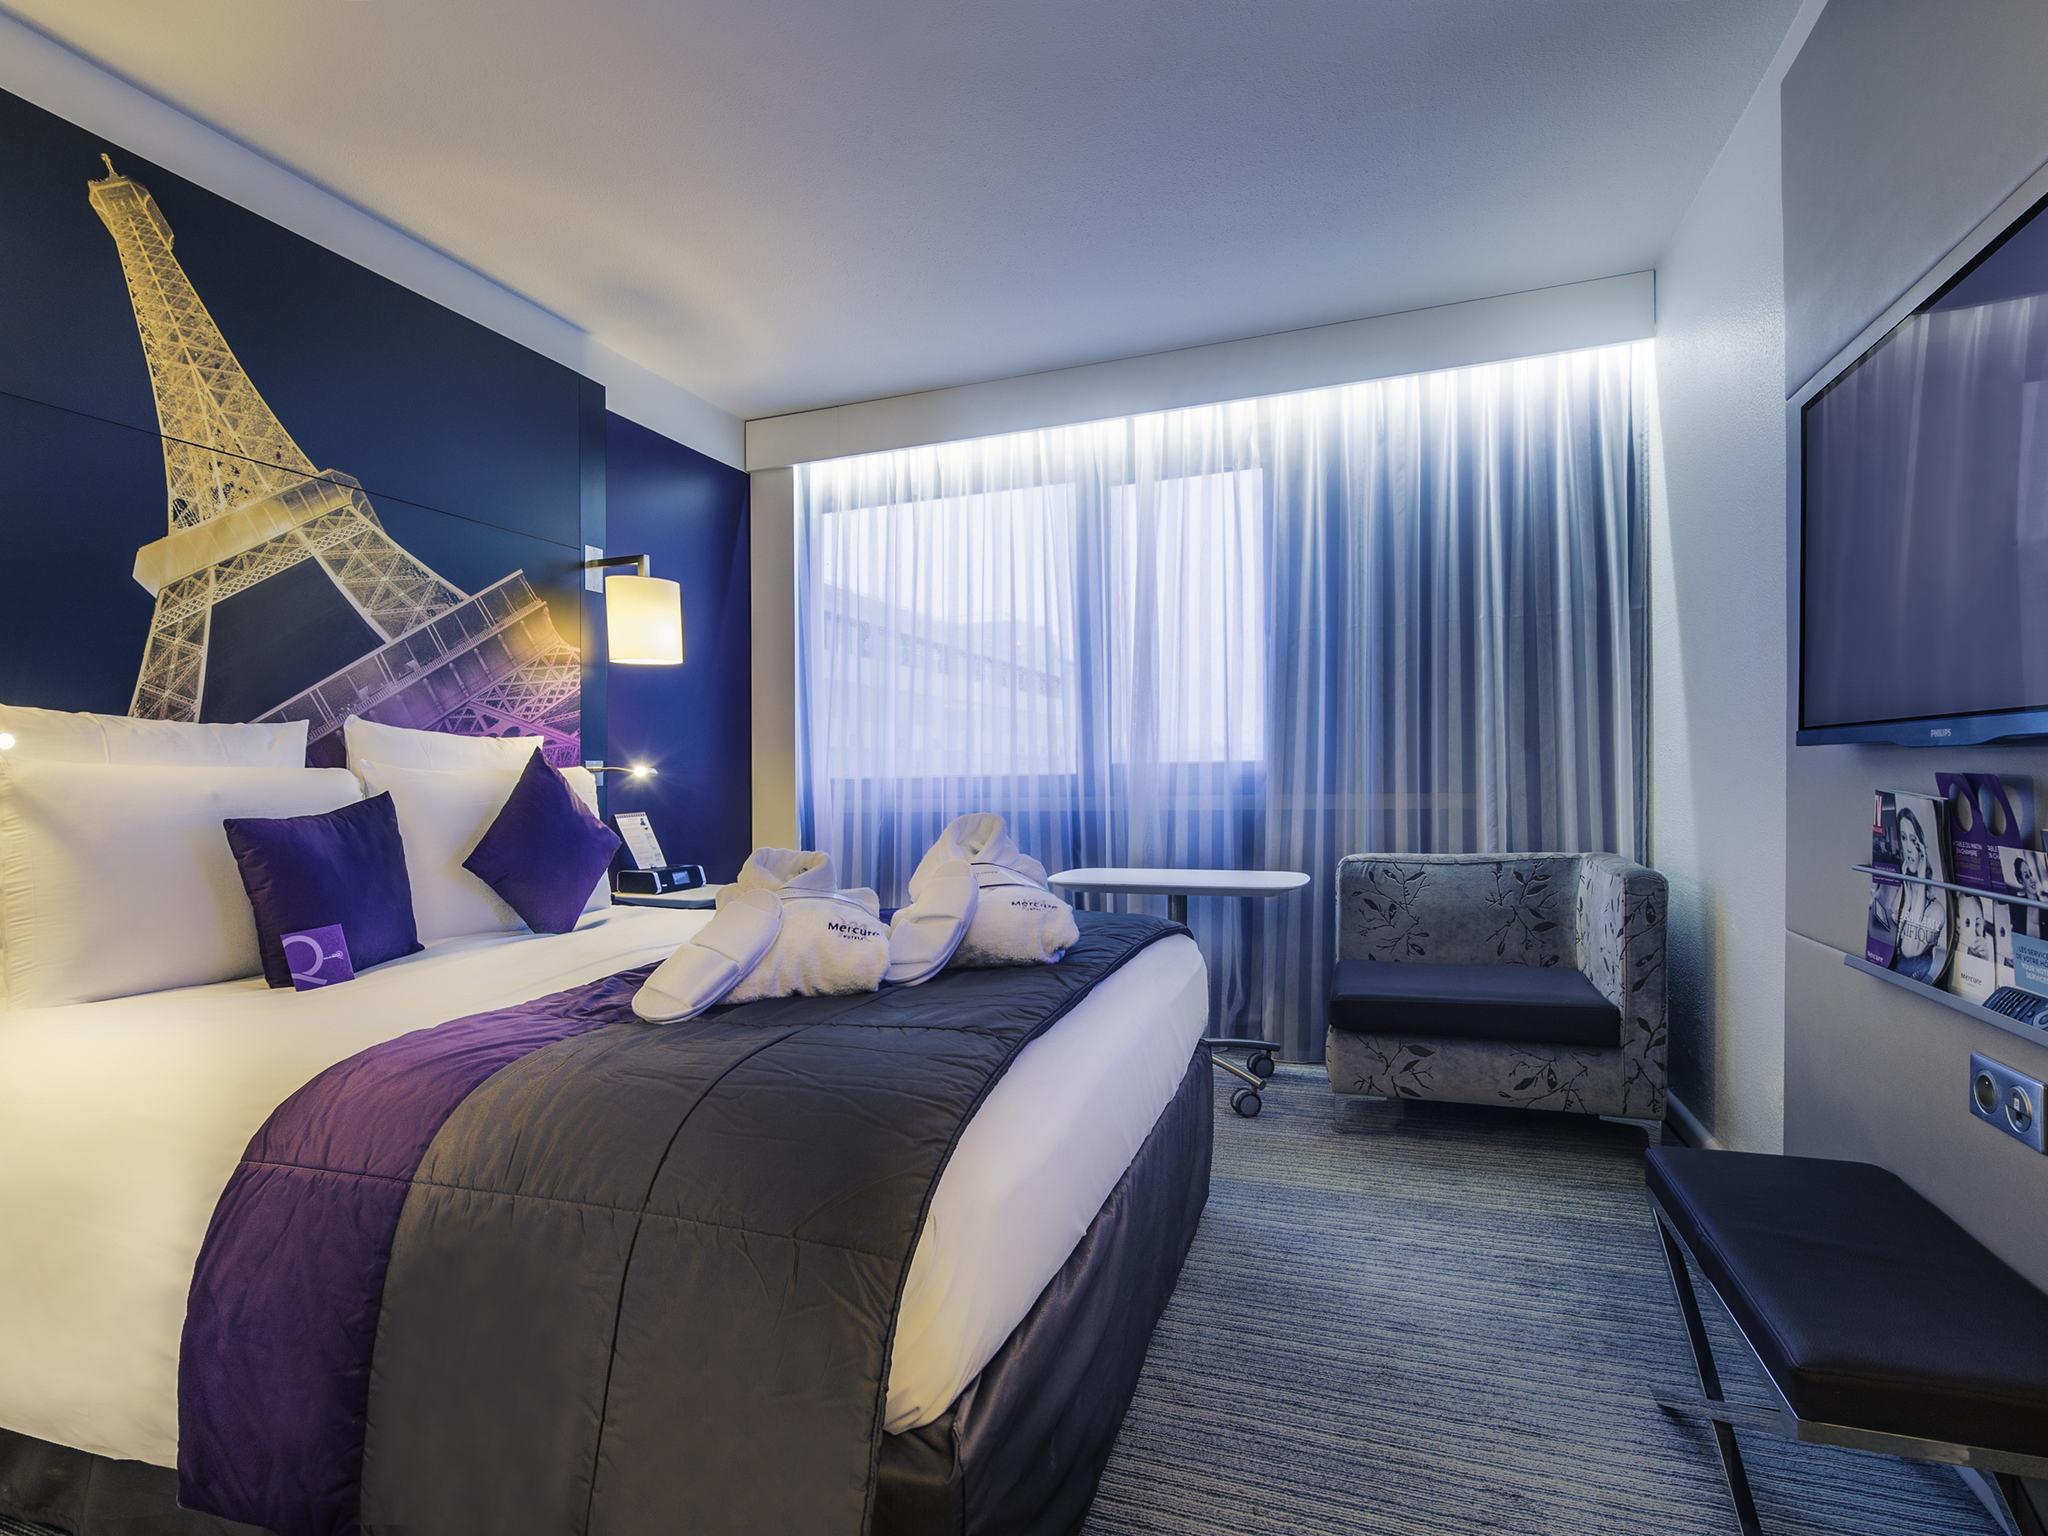 Hotel – Hotel Mercure Parijs Centrum Eiffeltoren